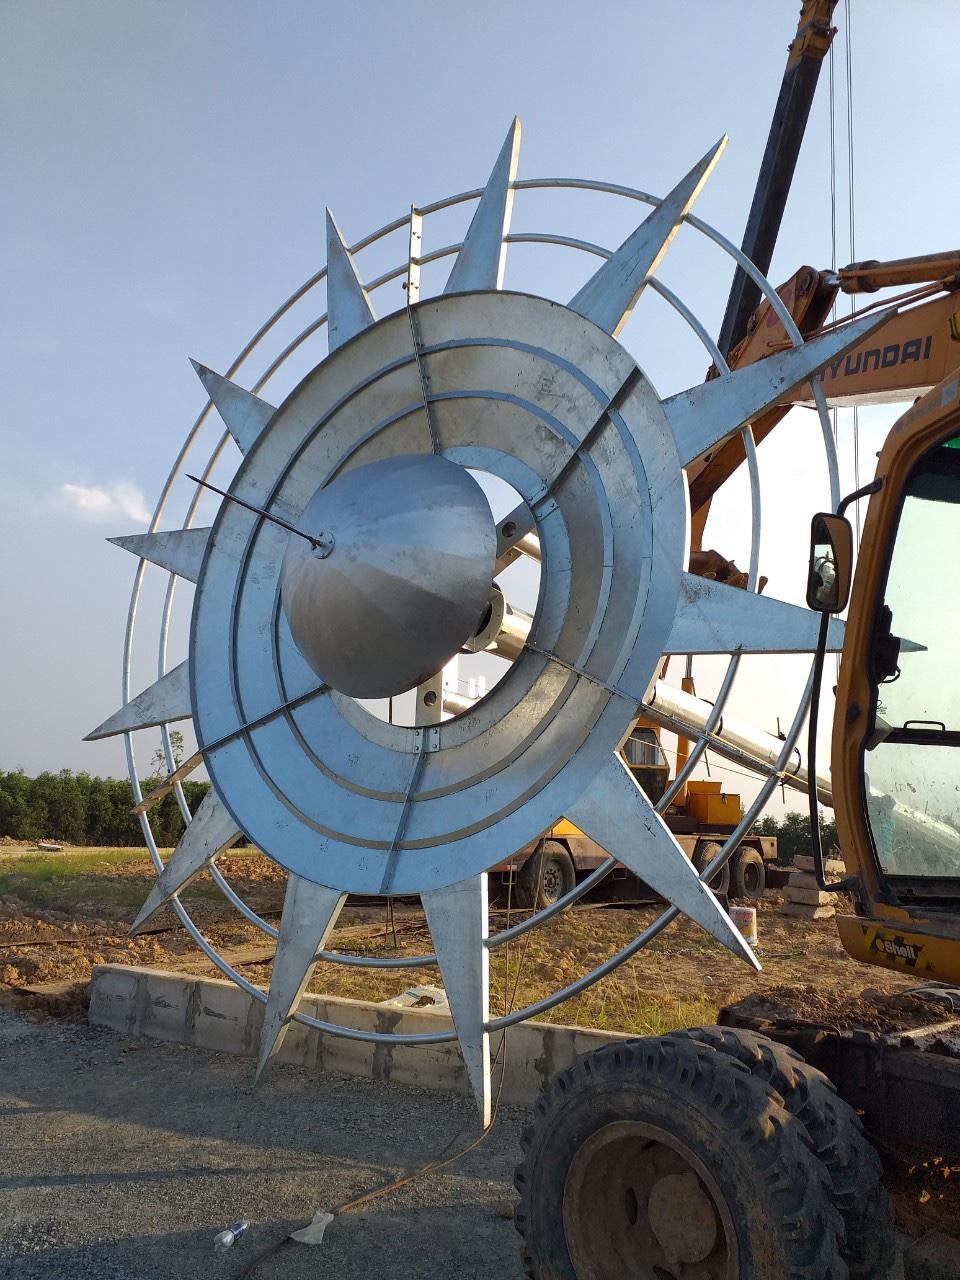 Kỹ thuật Đại Thắng hỗ trợ khách hàng lắp dựng trụ 30m tại Long An